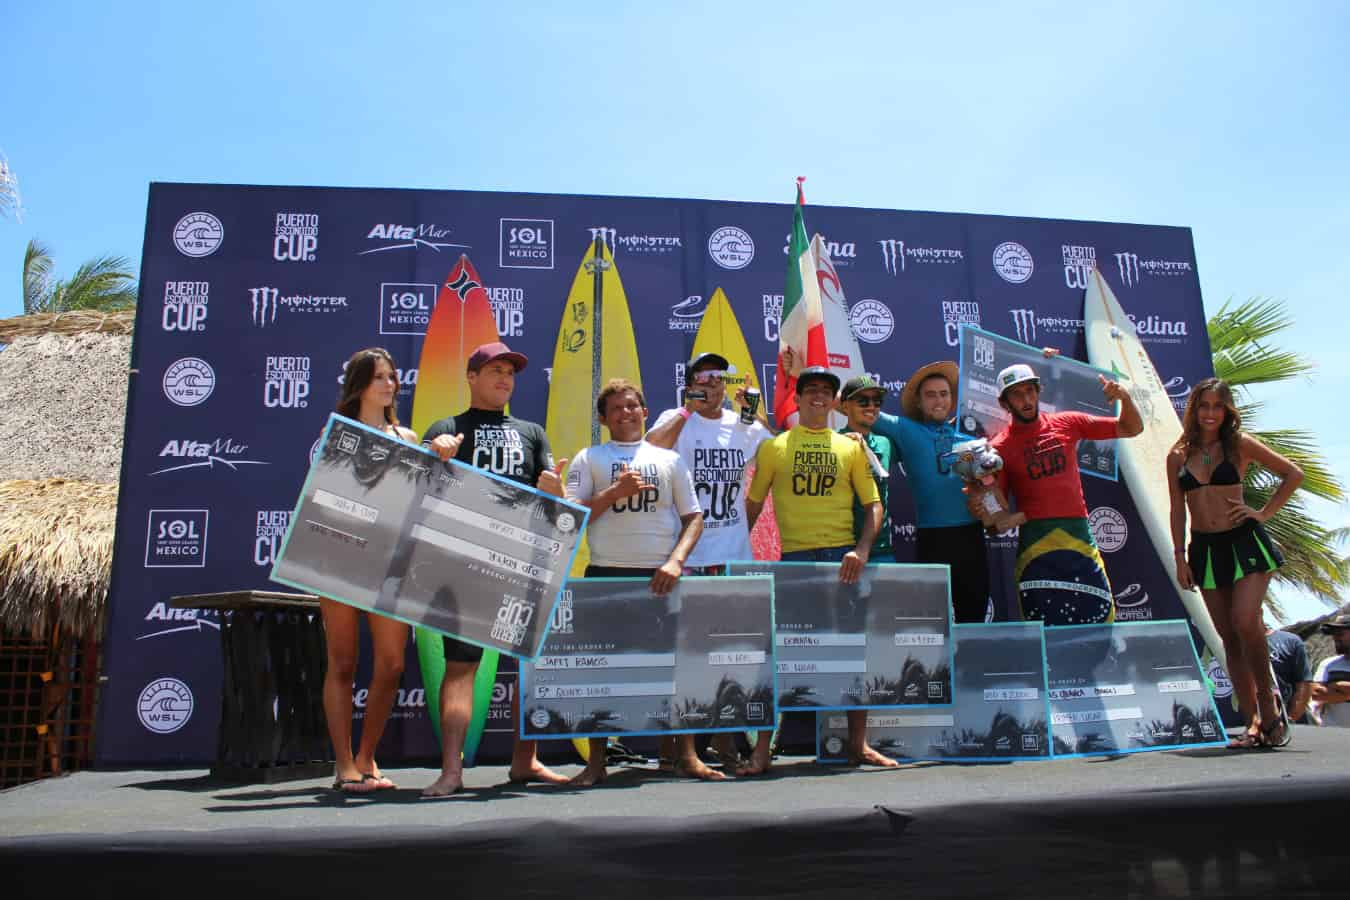 Surf en Puerto Escondido Cup 2018 podium hombres